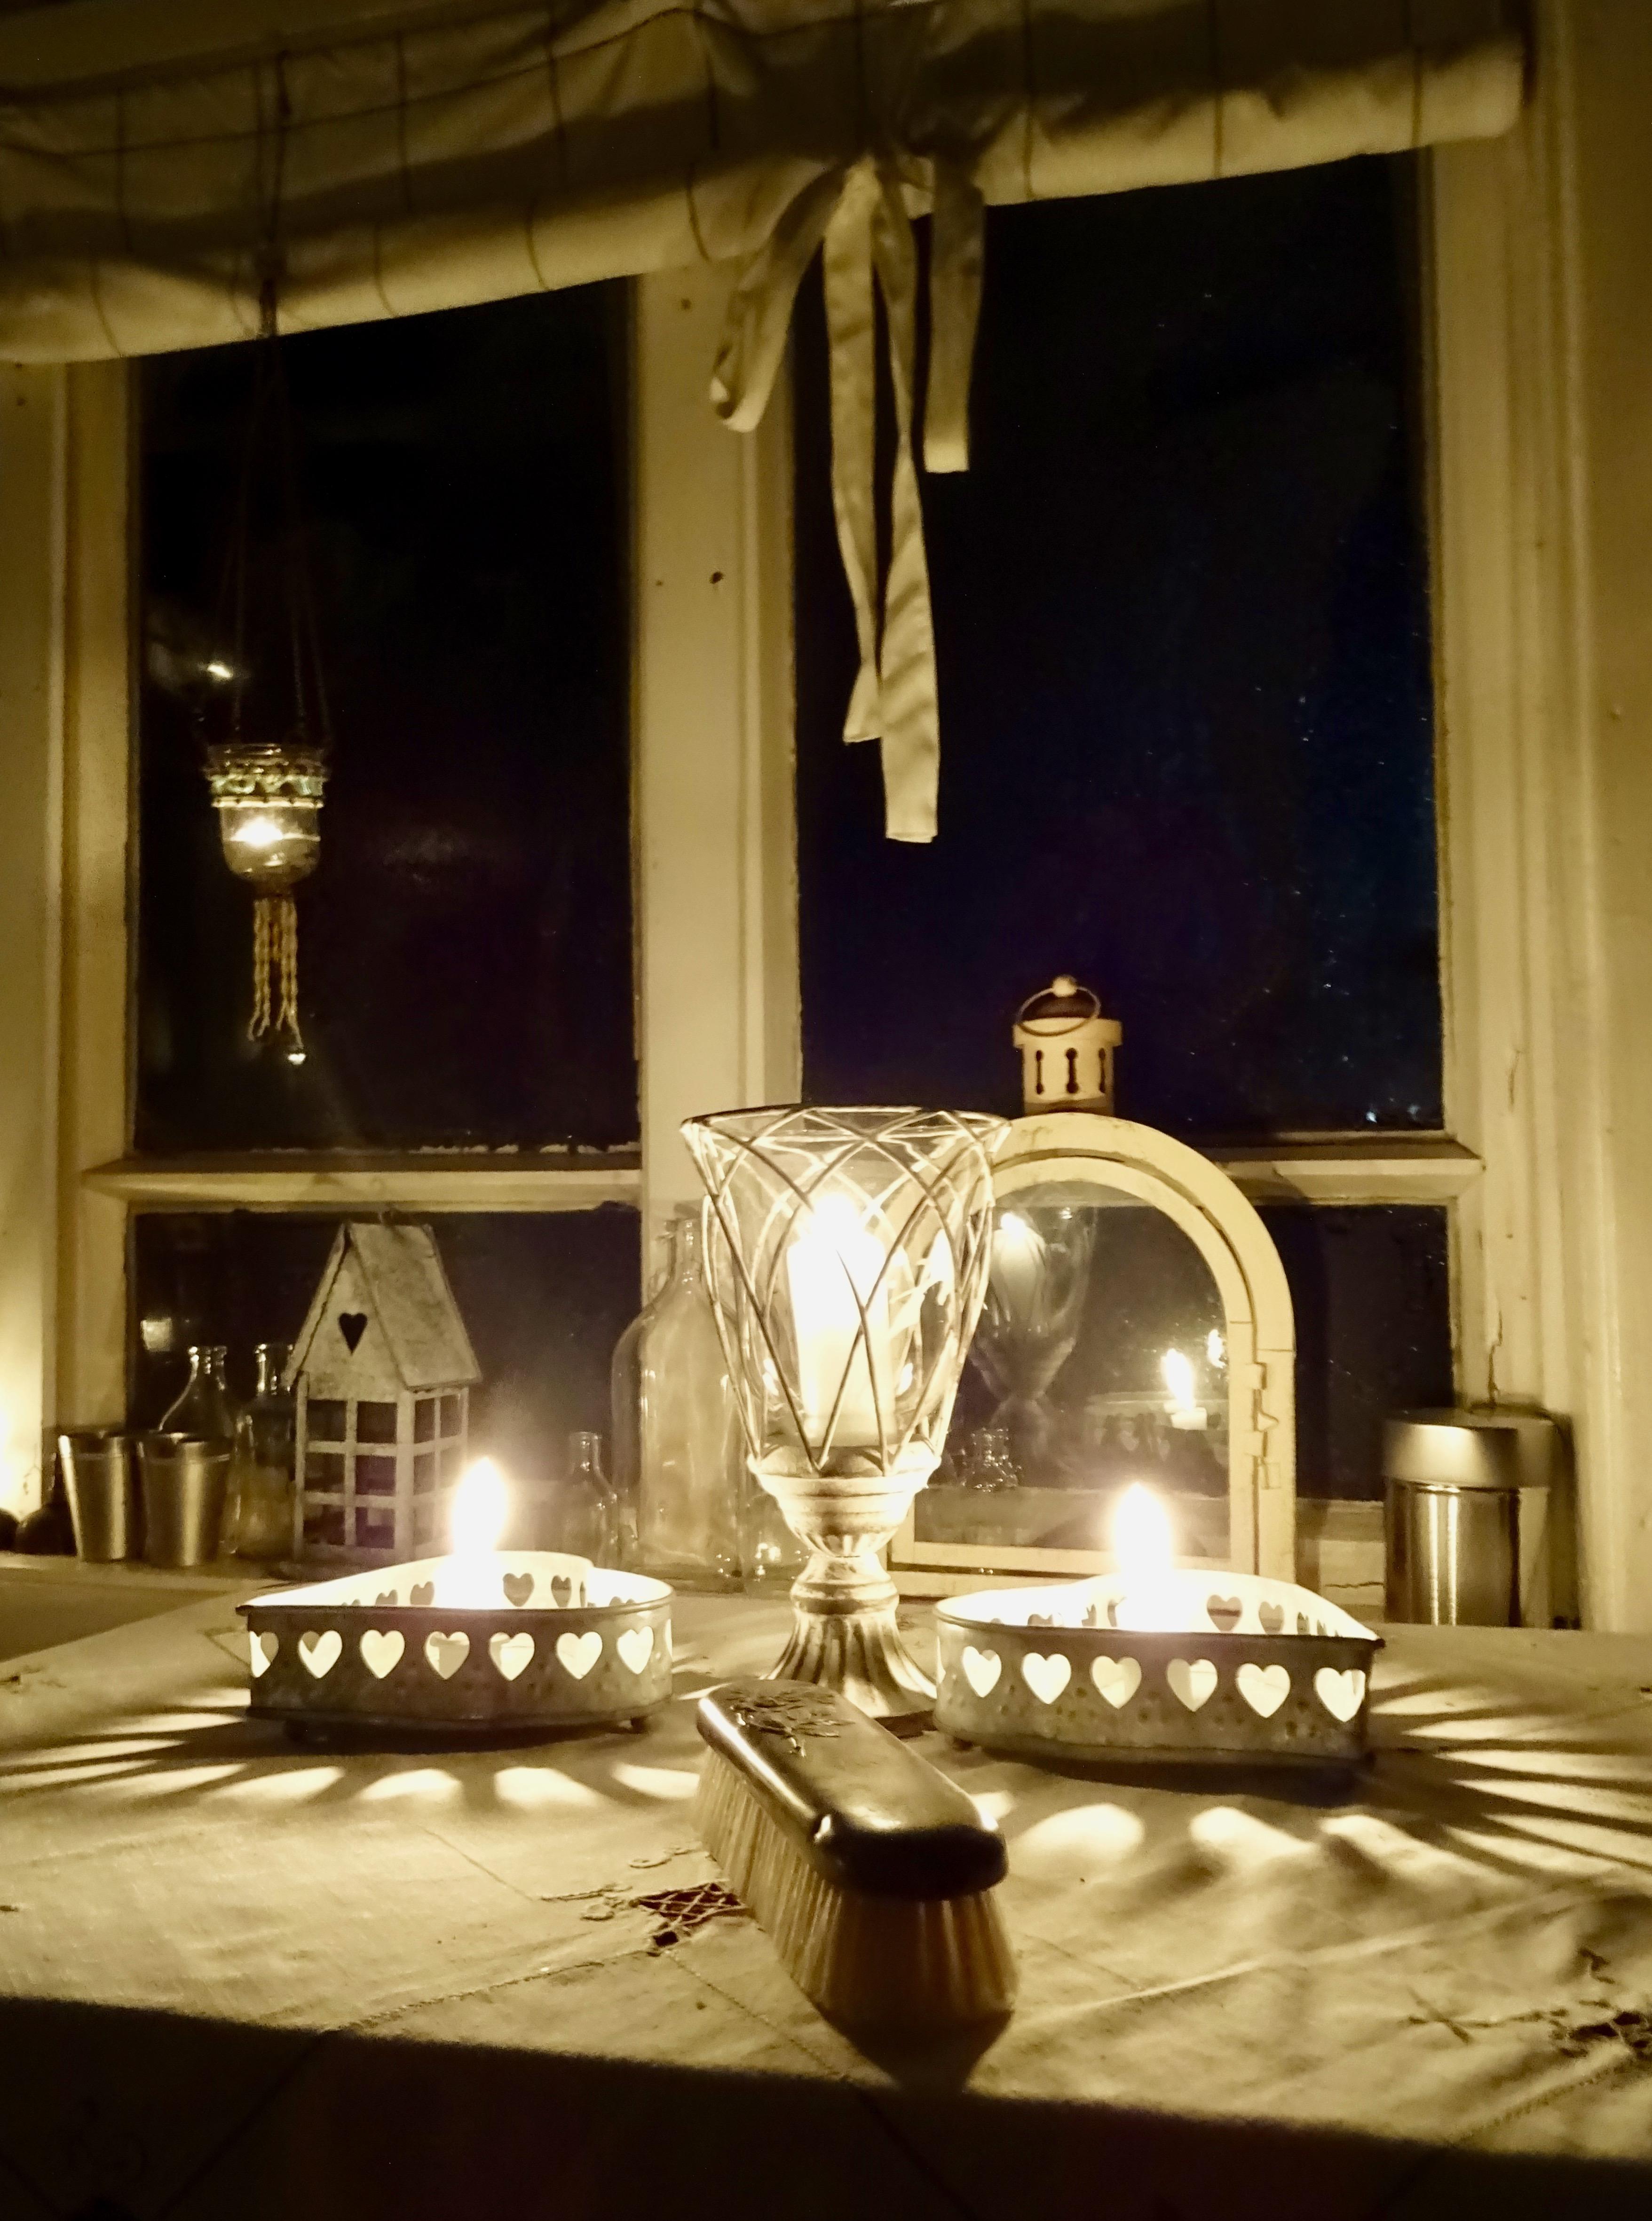 Verannan kynttilät